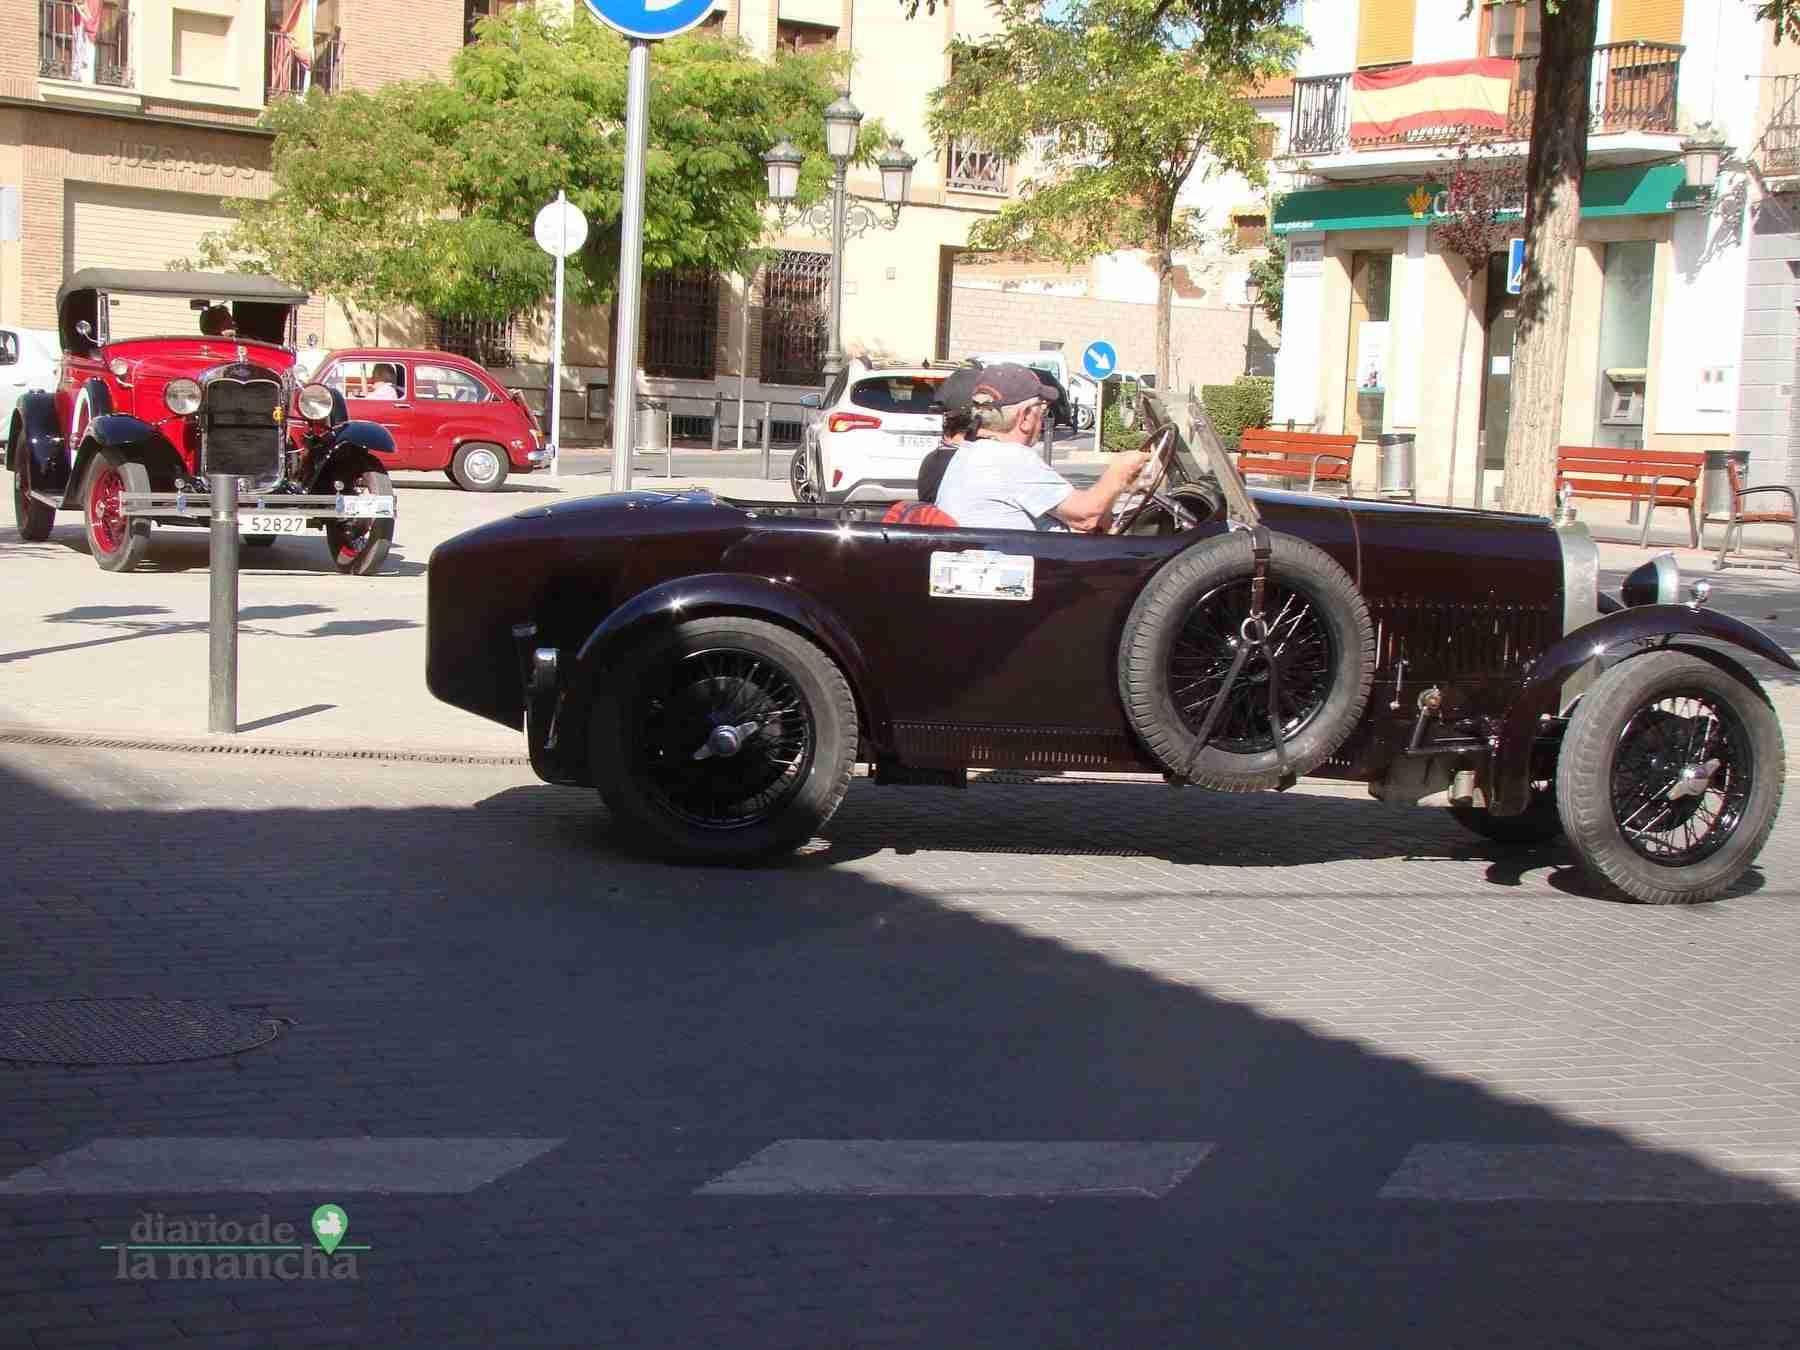 Clásicos a motor recorren Quintanar y su comarca durante este fin de semana 46